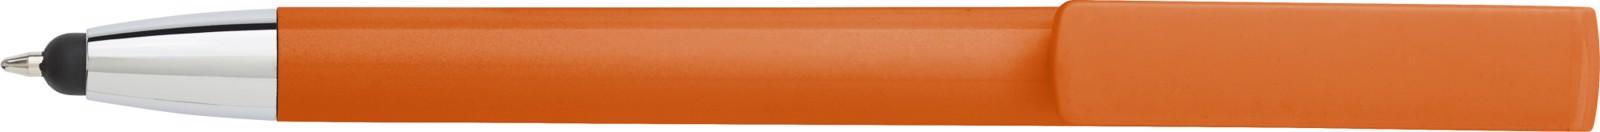 ABS 3-in-1 ballpen - Orange